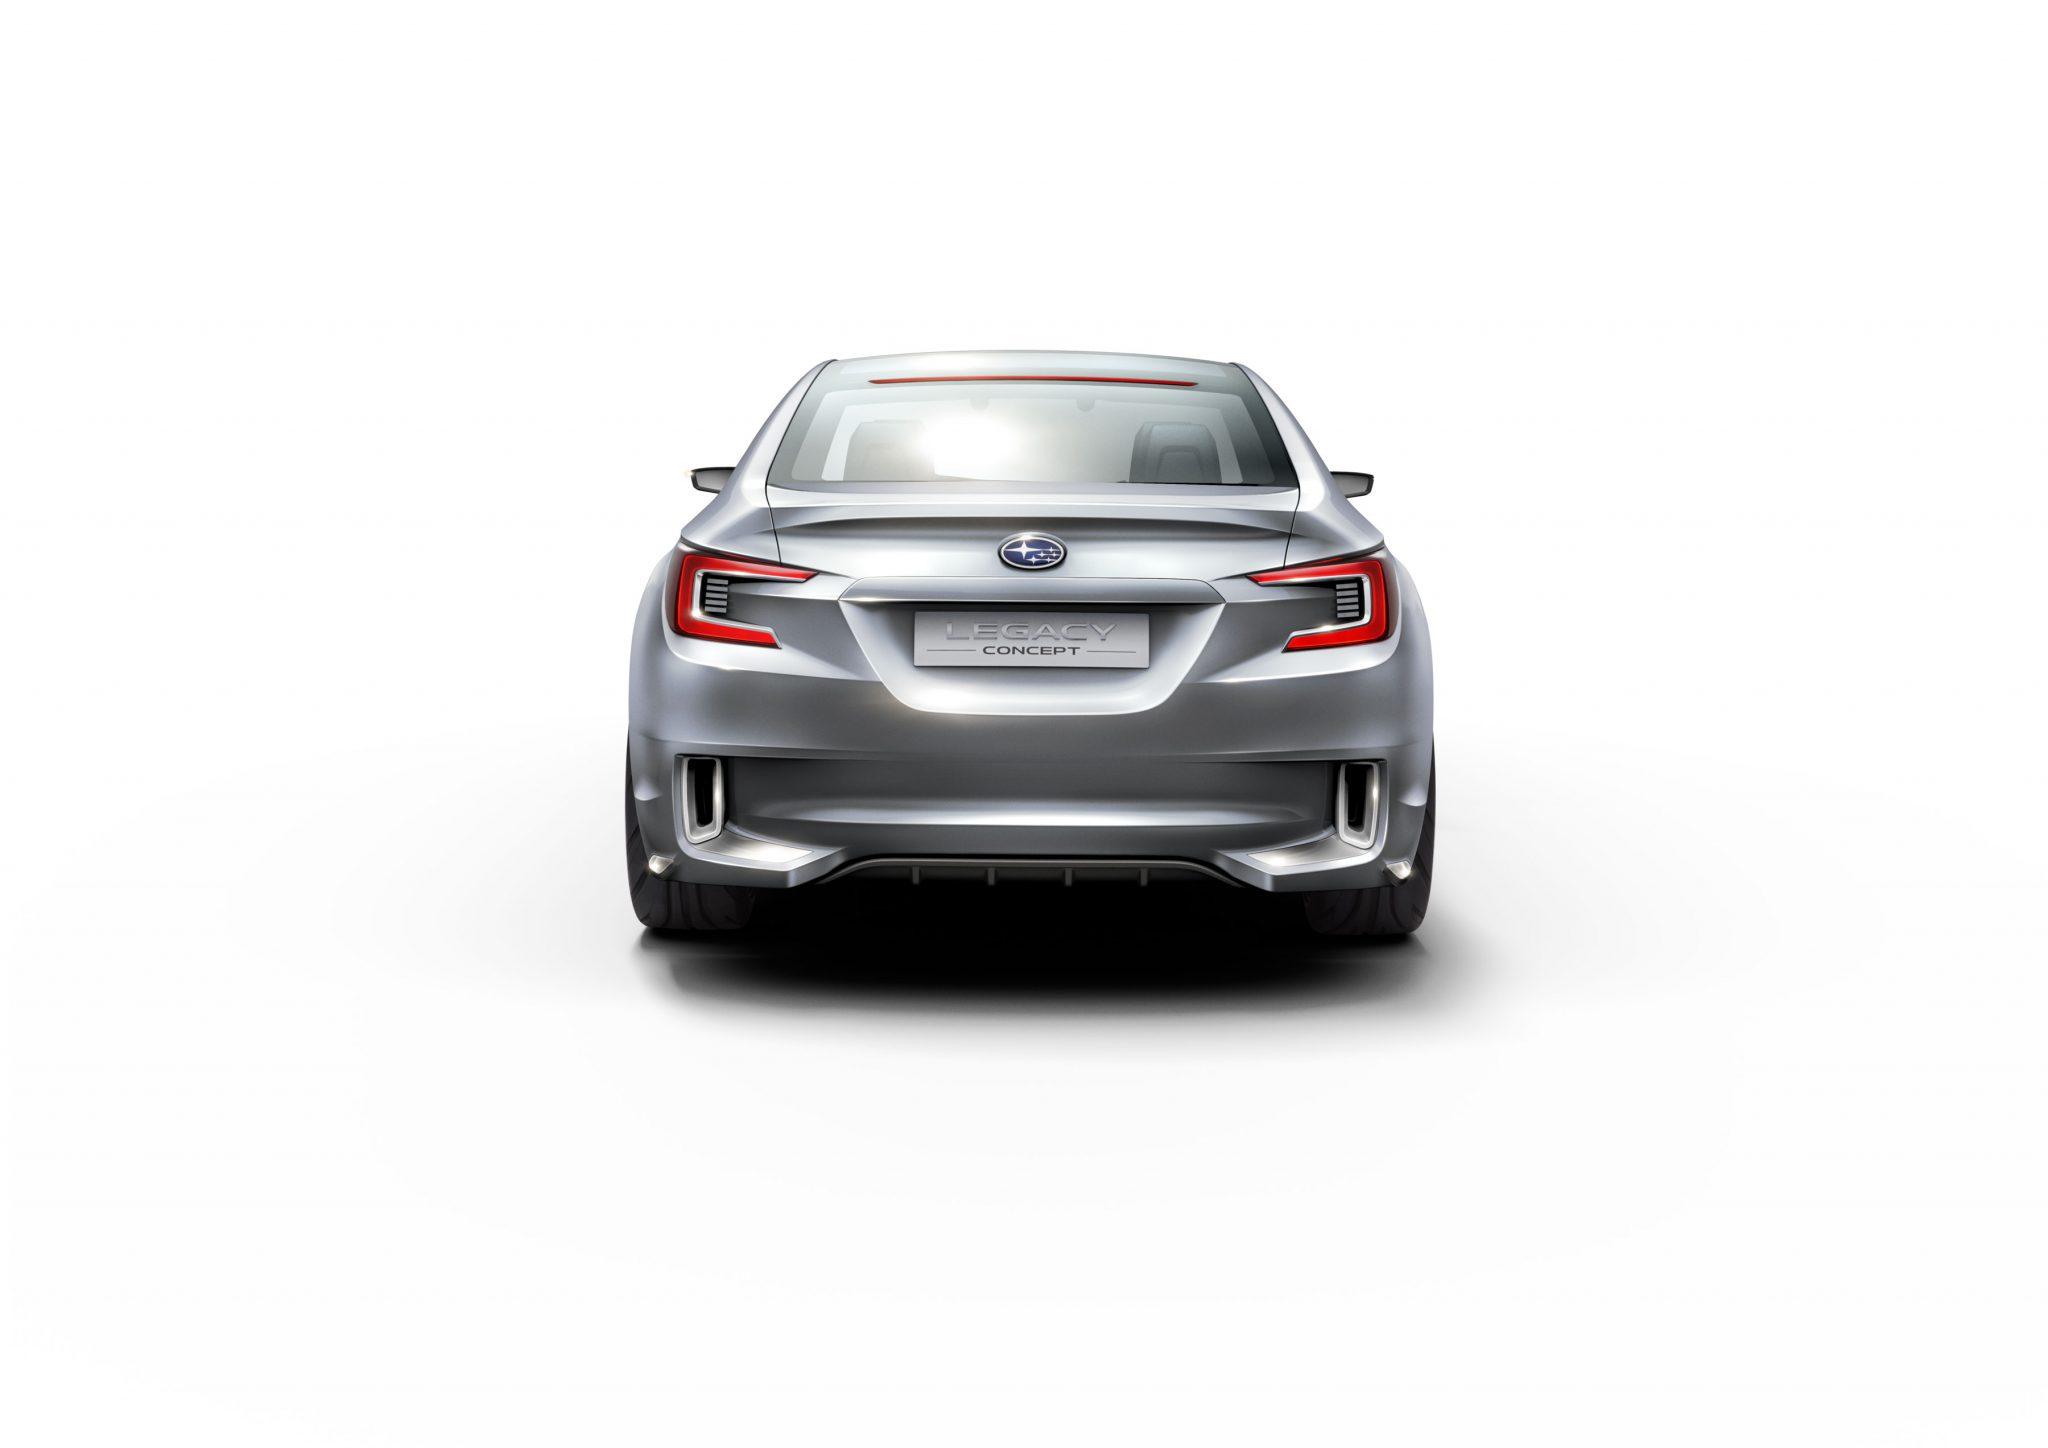 2015 Subaru Legacy Concept rear bumper